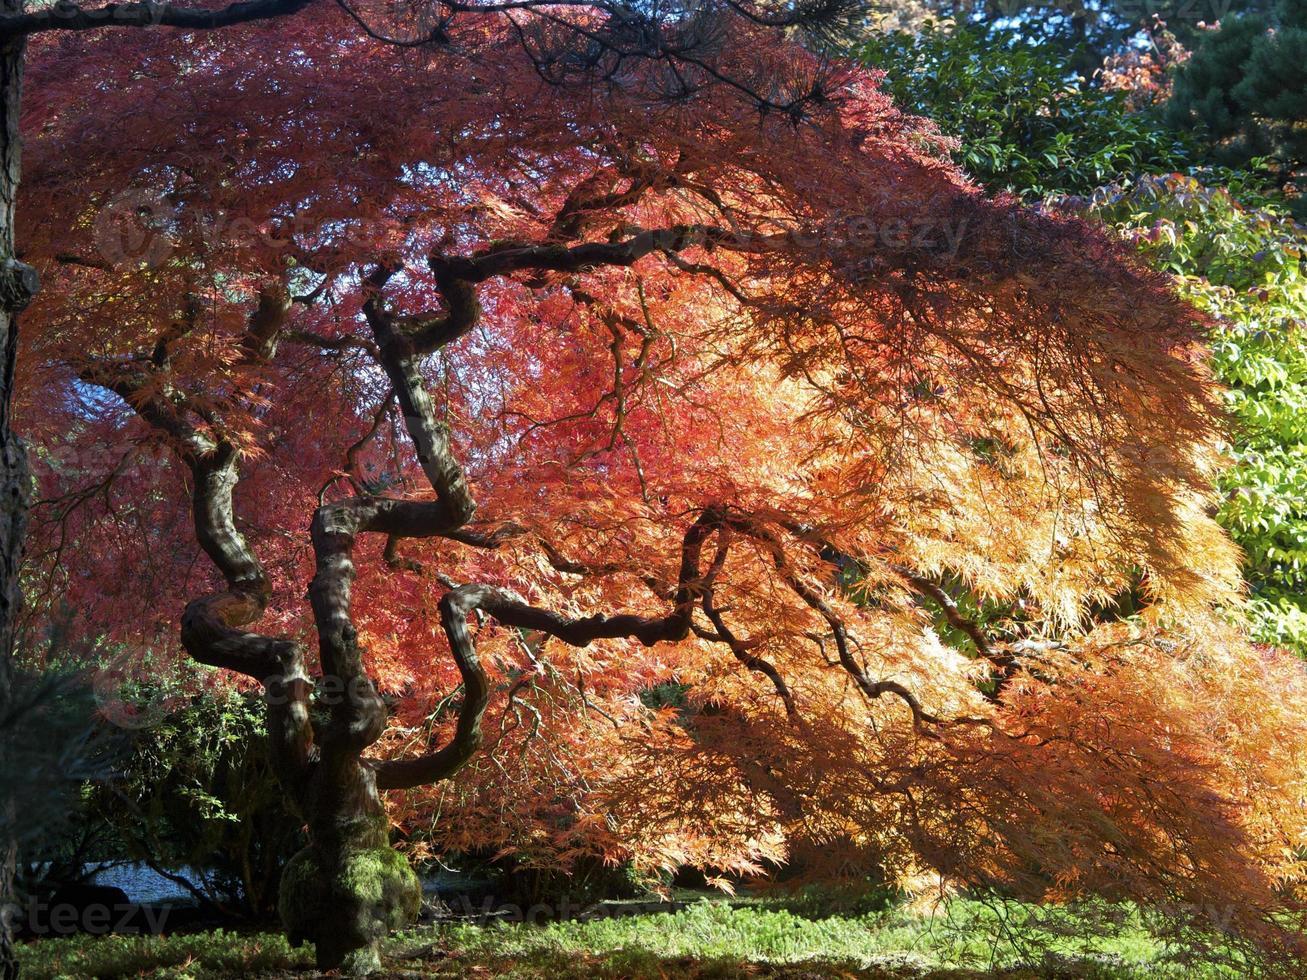 jardin japonais couleurs d'automne érable portland oregon photo